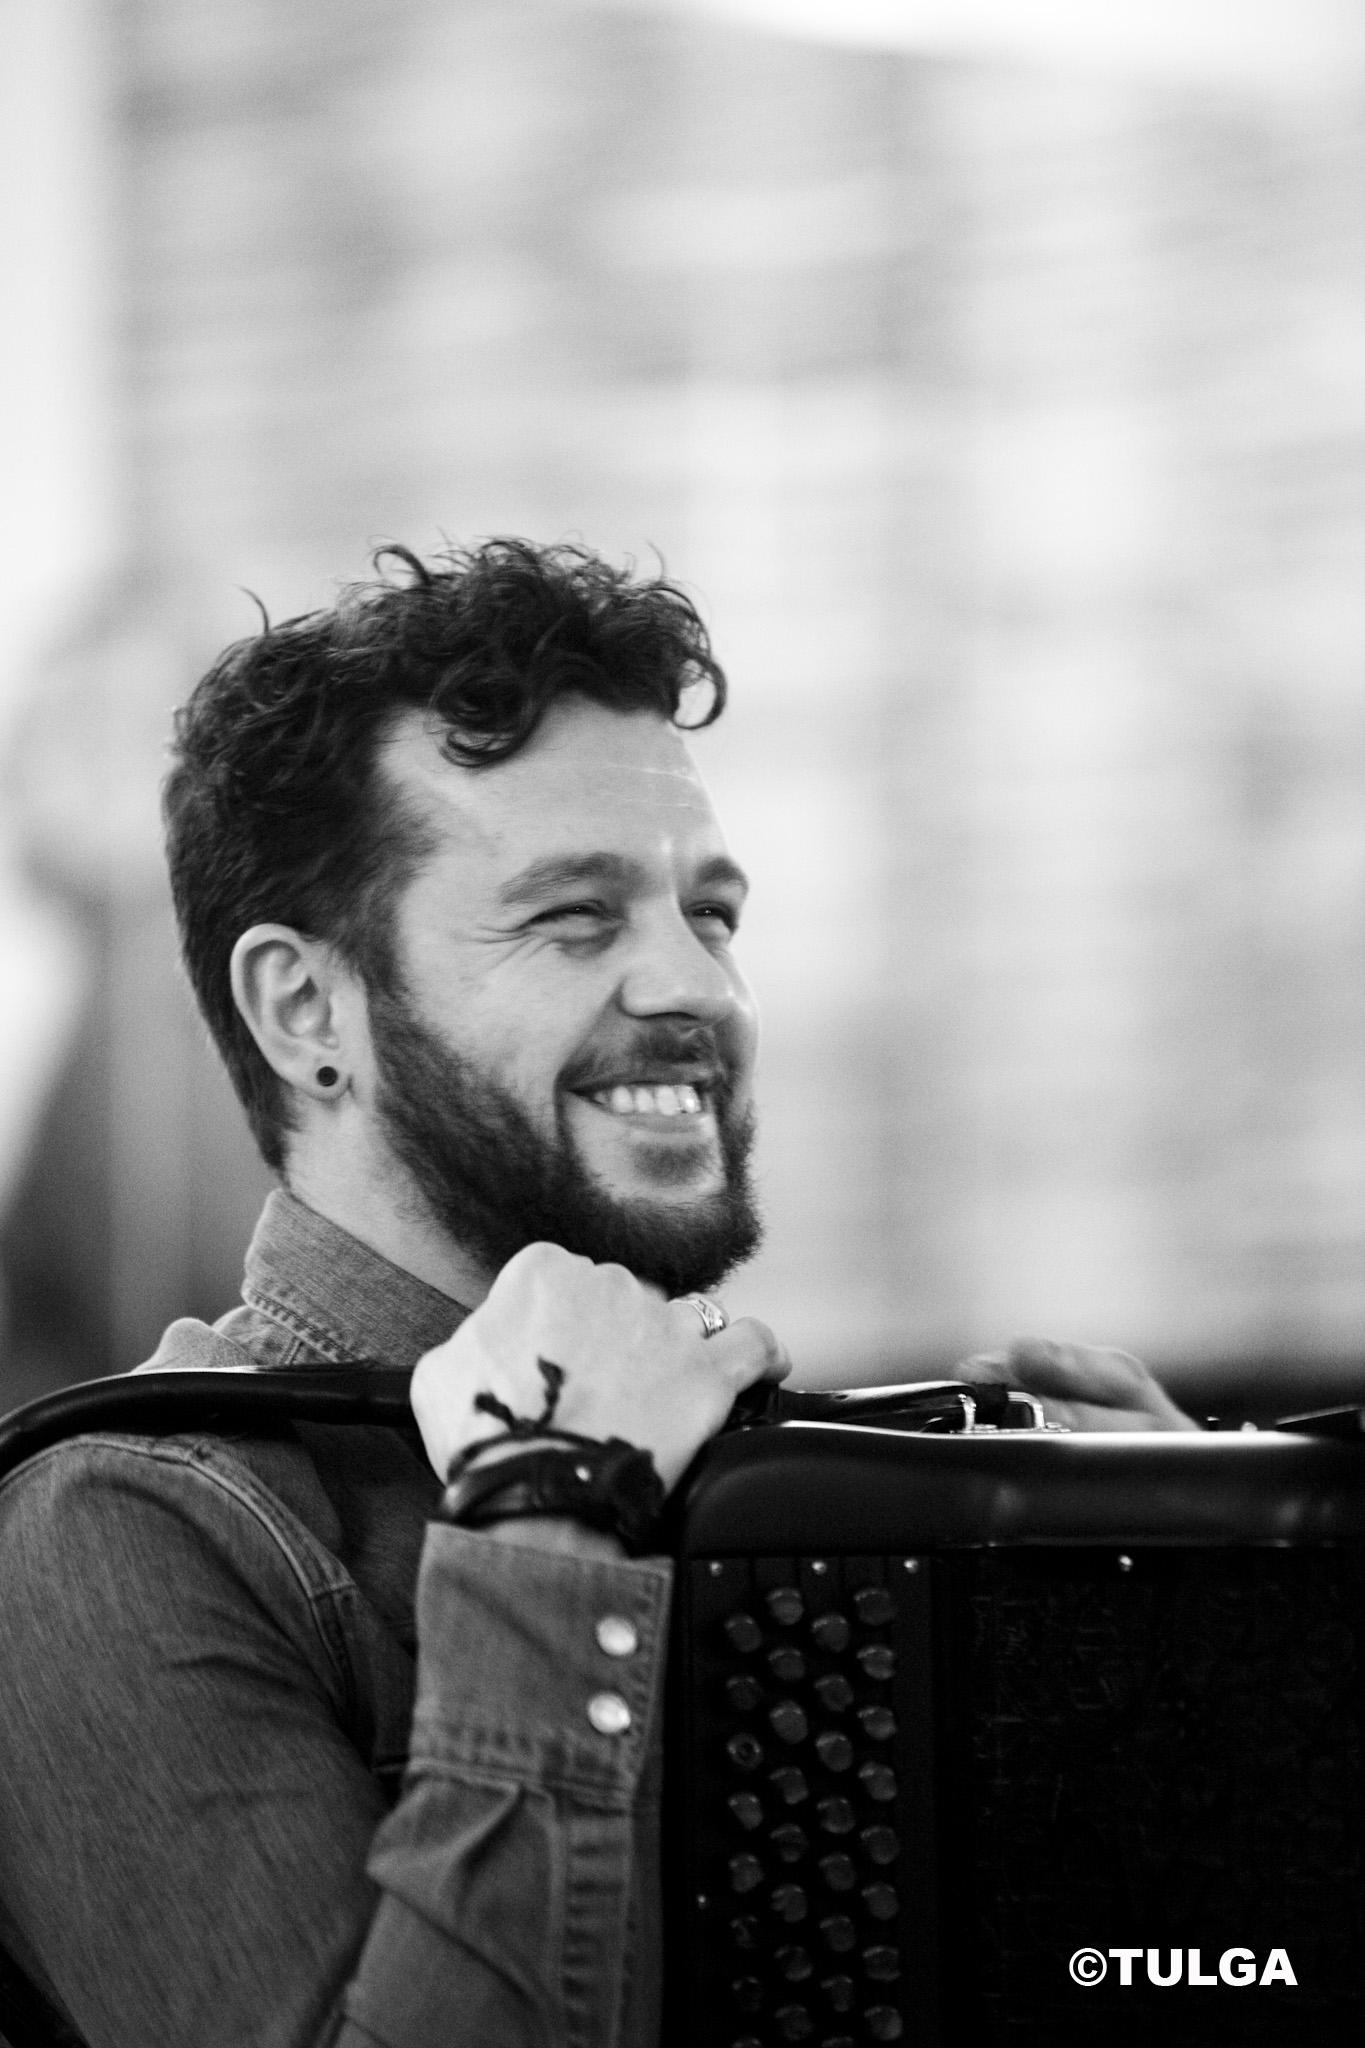 Claudio Capéo en répétition à Studio Bleu. Photo TULGA